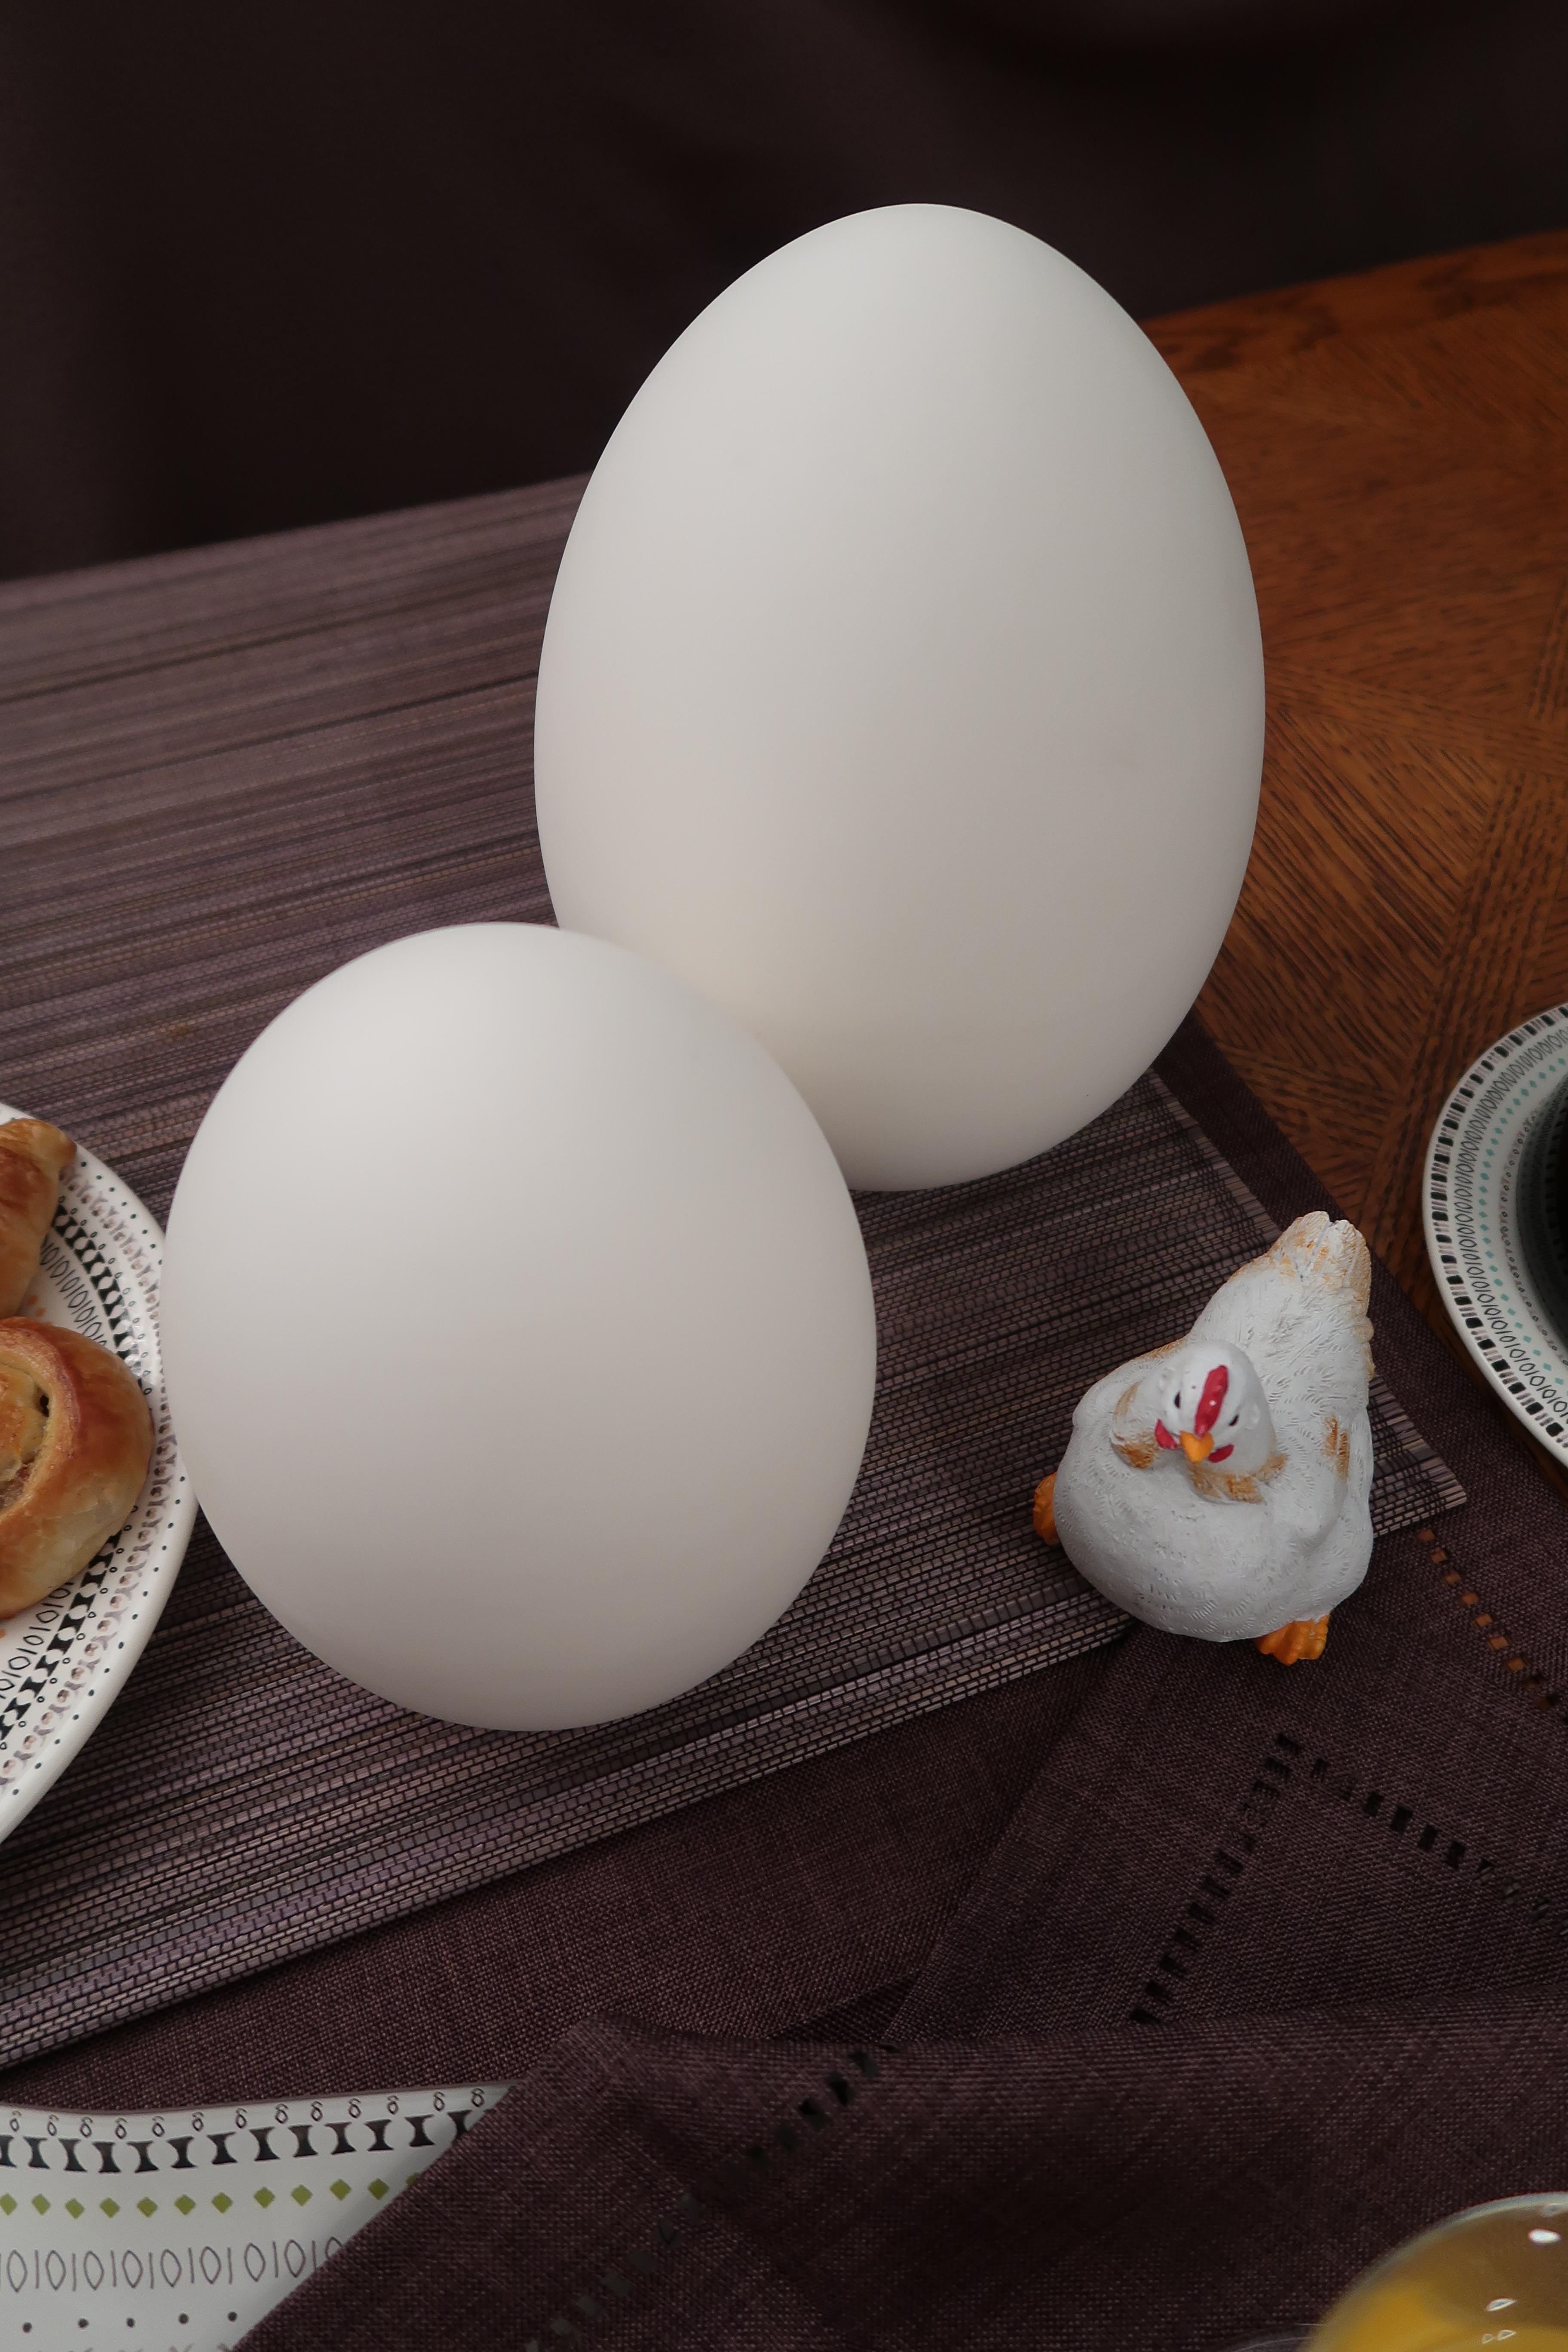 Petit-déjeuner-de-Pâques-Oeufs-et-poule